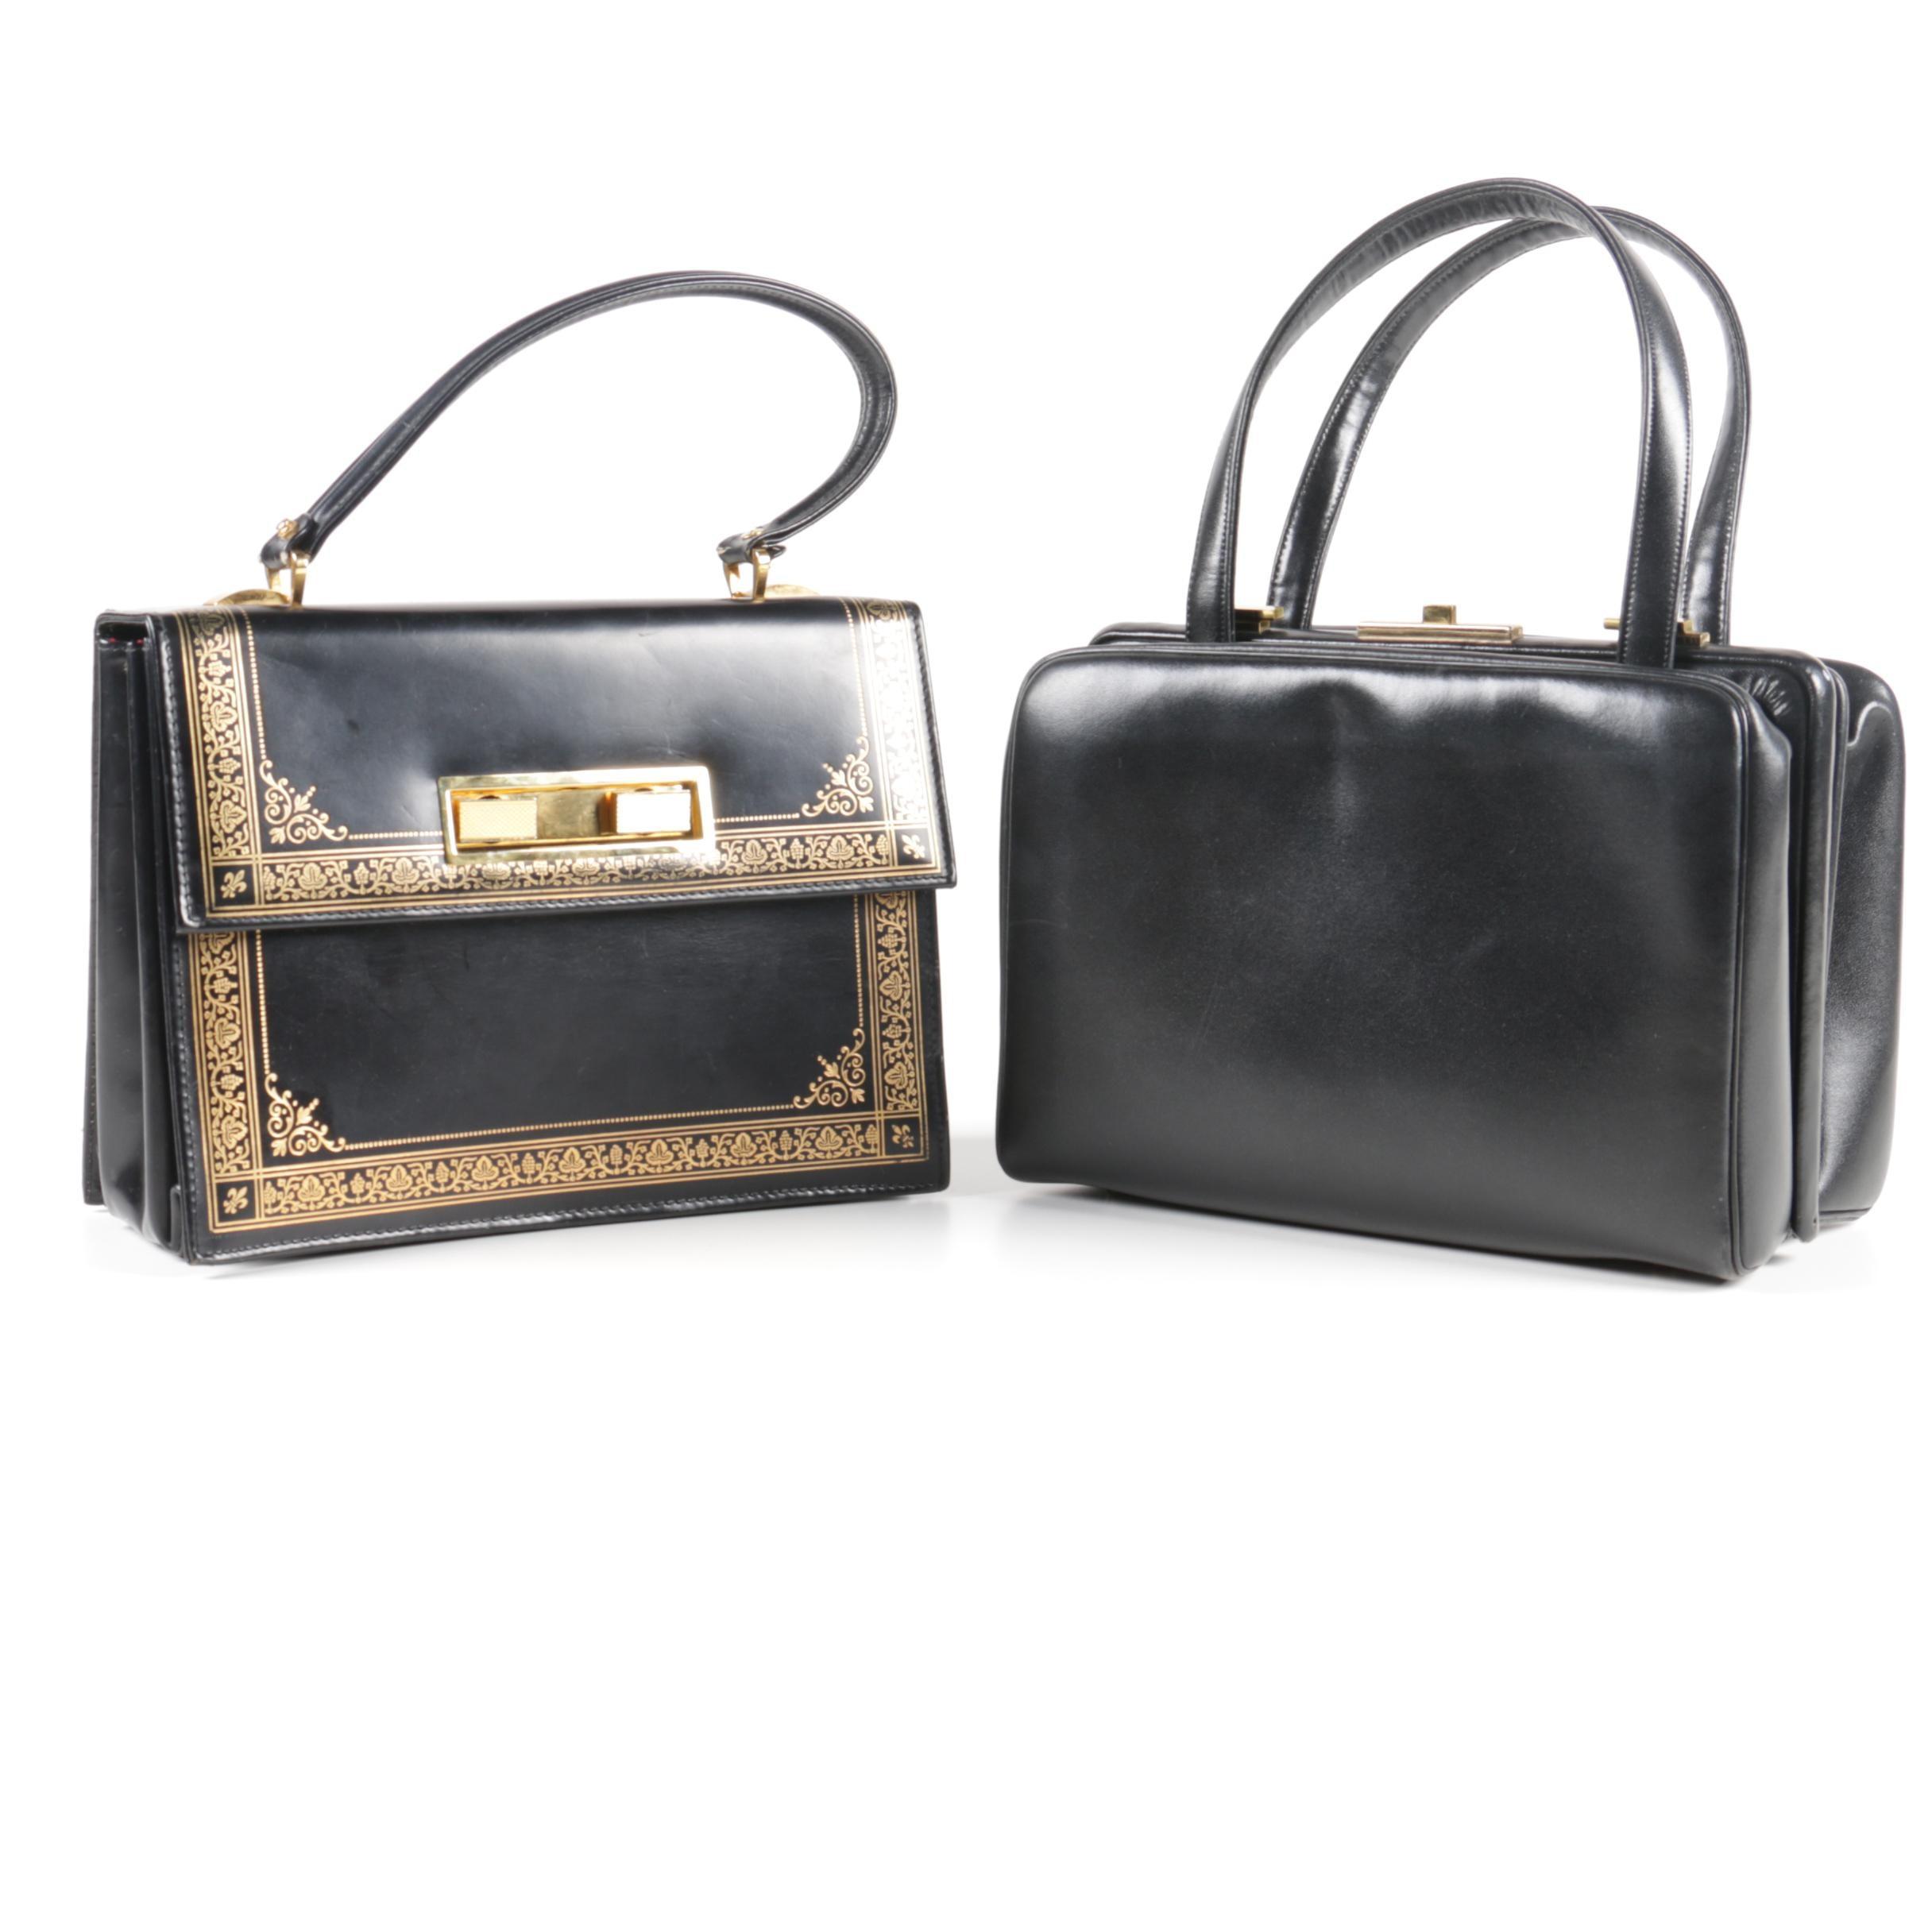 Vintage Black Leather Handbags